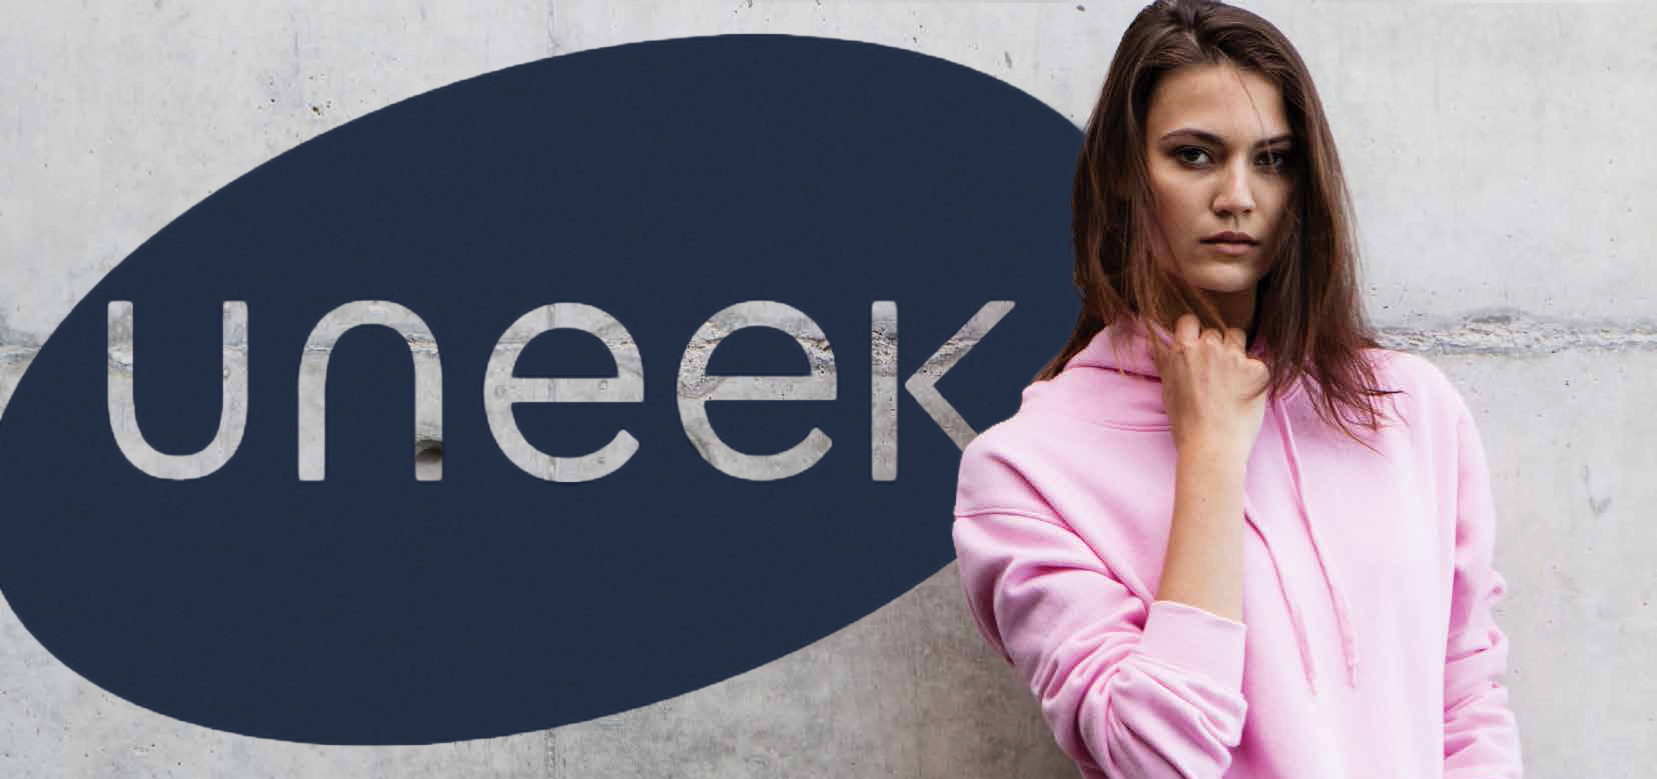 Uneek - Chefstyle